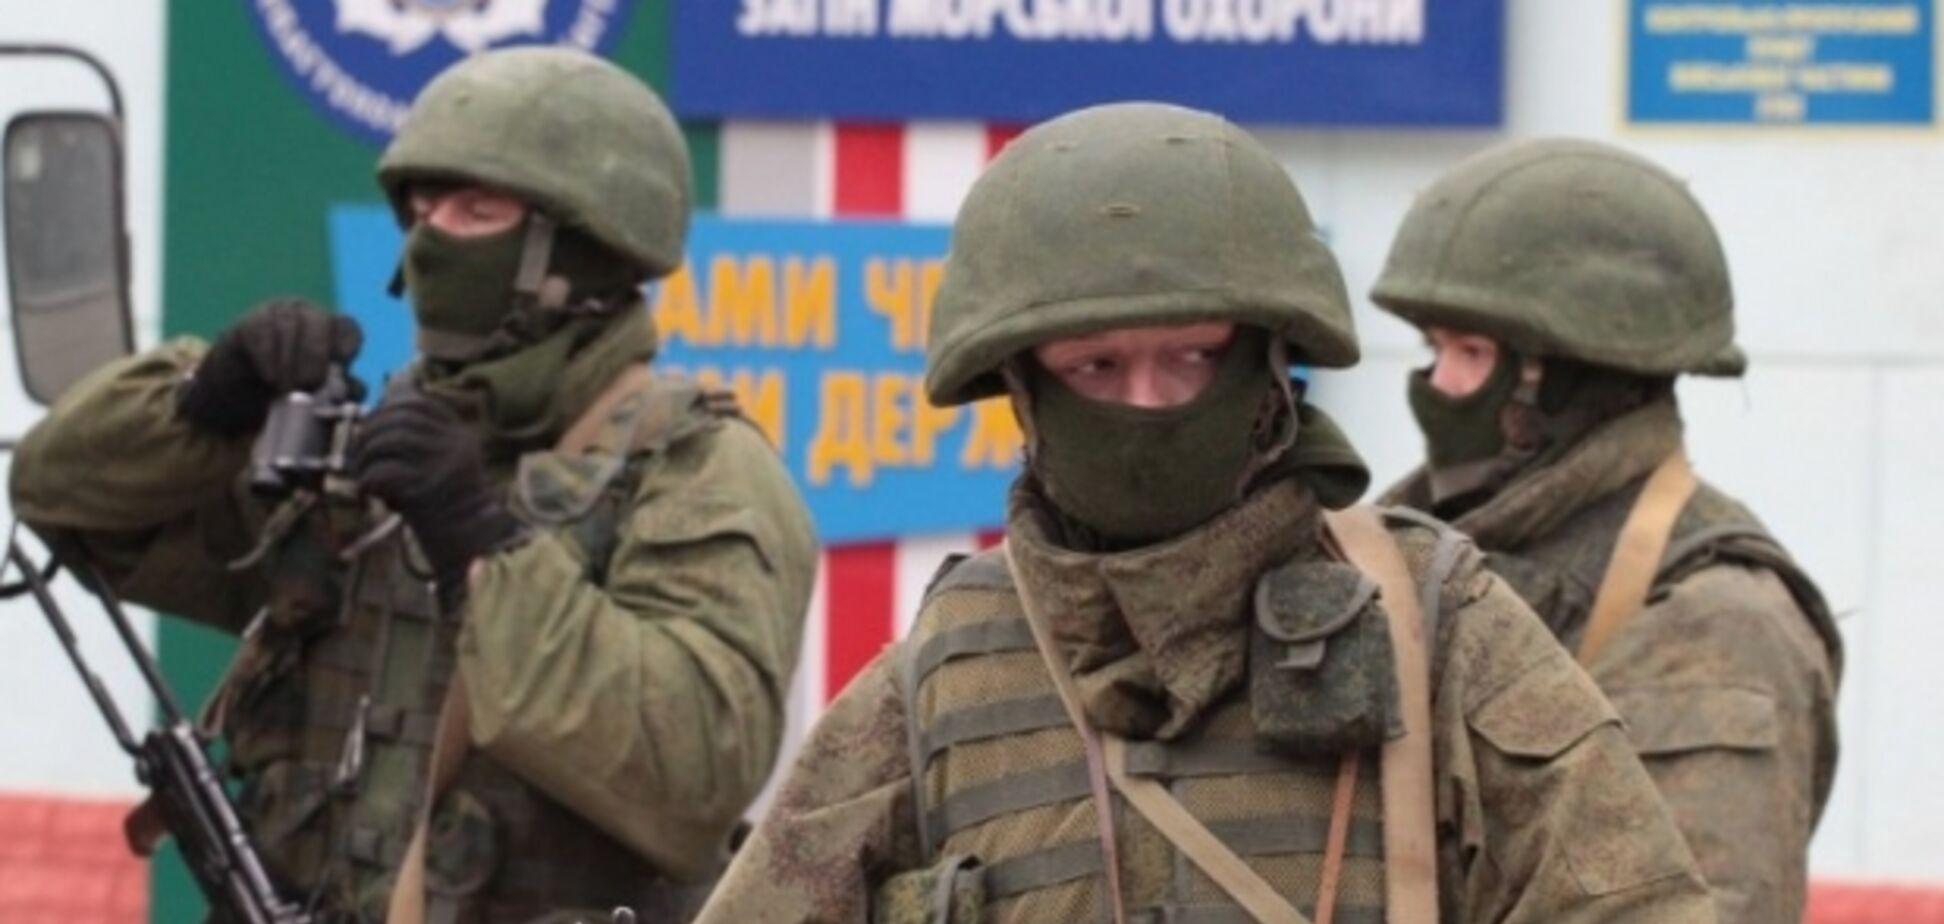 Путин использовал крымчан как 'живые щиты': Украина подала в Гаагу доказательства